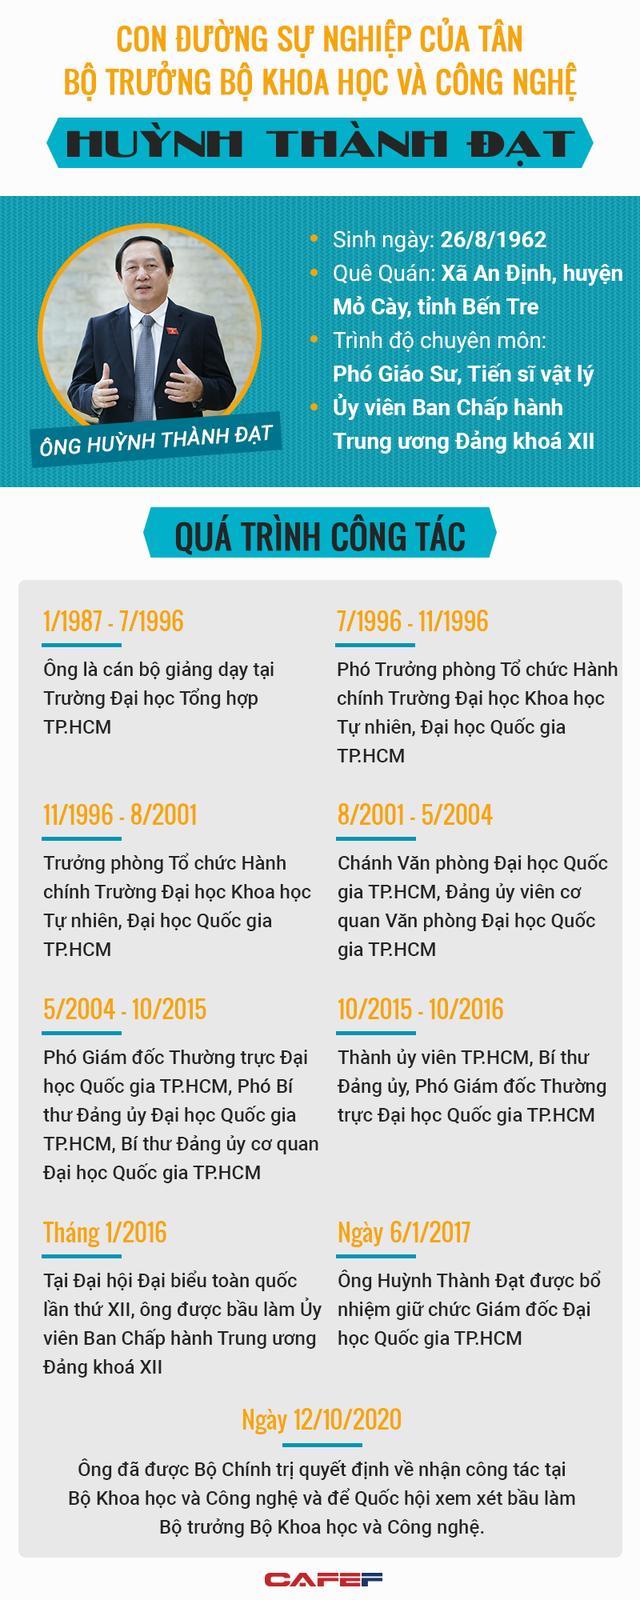 Chân dung tân Bộ trưởng KH&CN Huỳnh Thành Đạt - Ảnh 1.